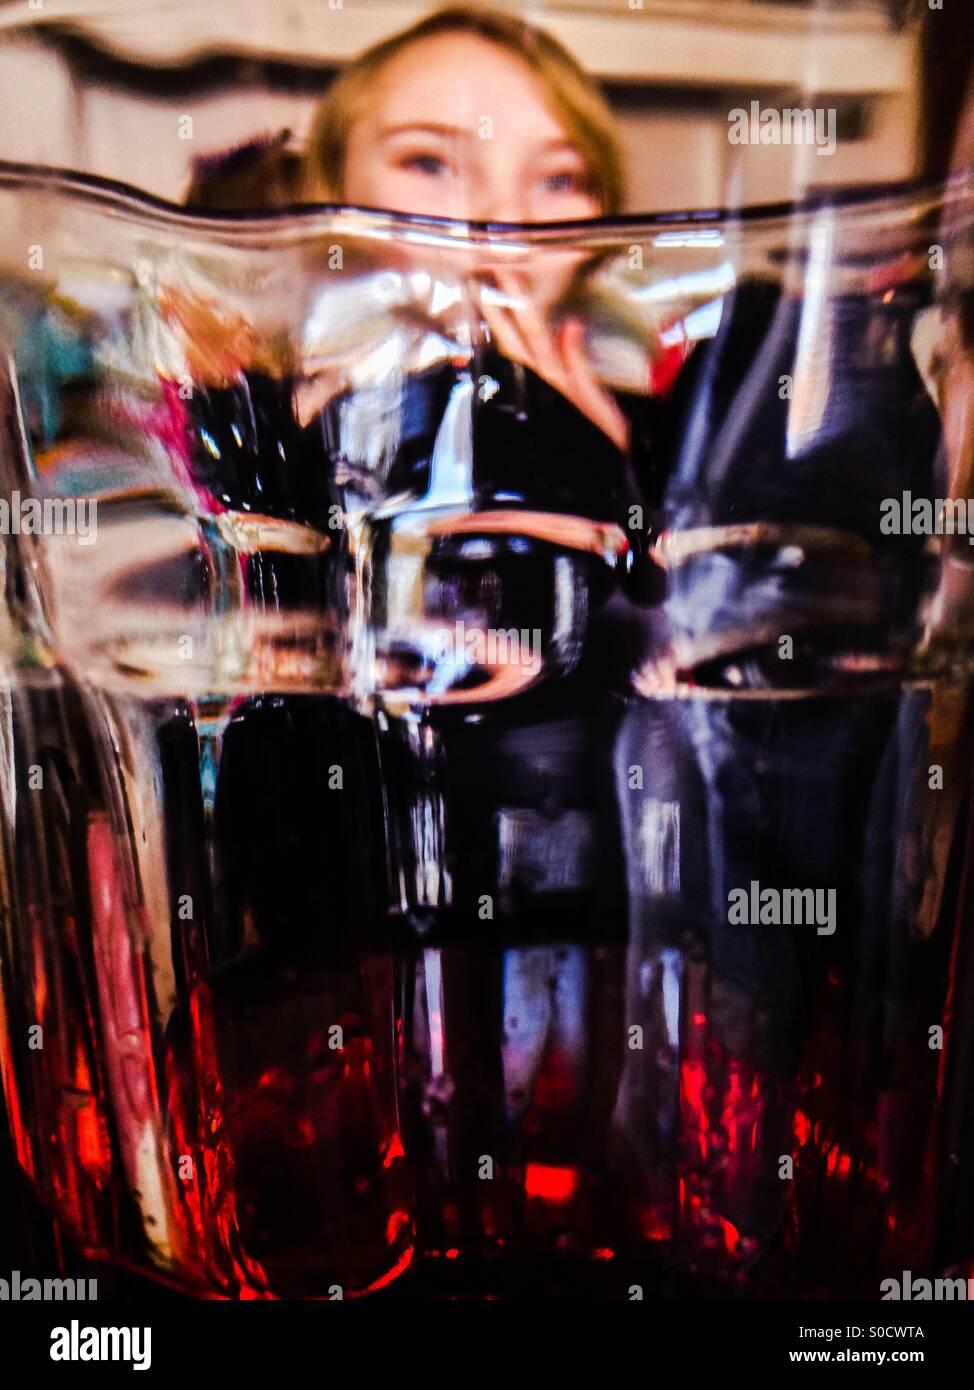 Bis Ihr Saft trinken Stockbild